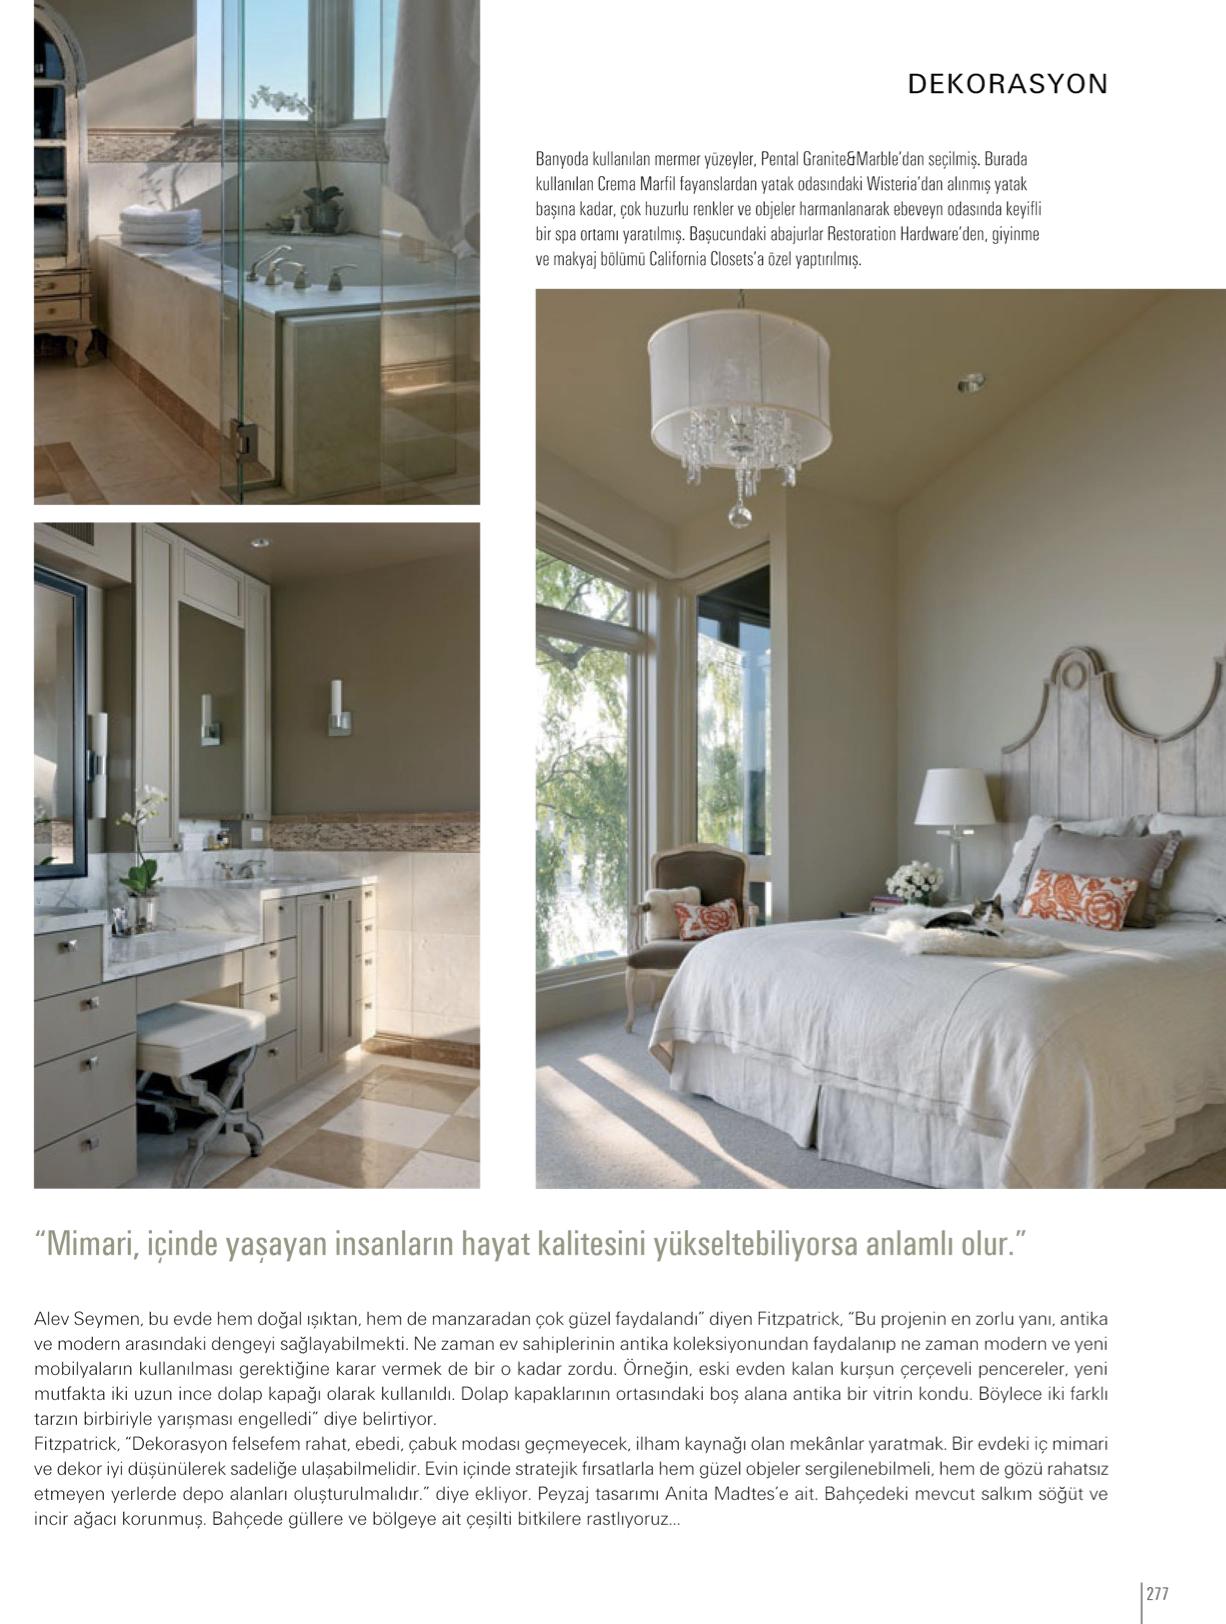 Maison Francaise pg 7.jpg